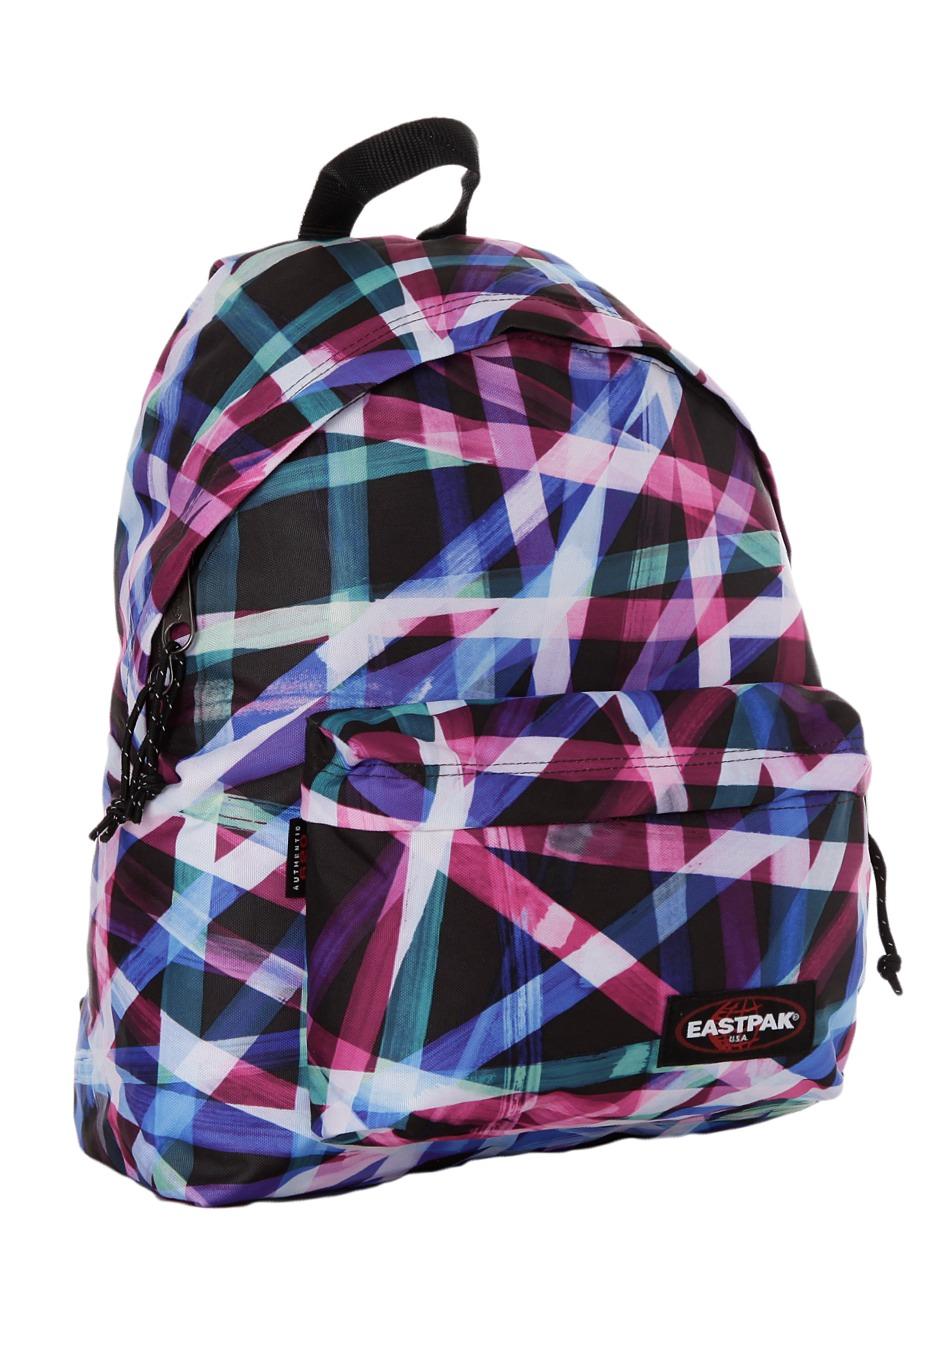 Eastpak Padded Pak R Backpack Black: Padded Pak´r Multi Taped